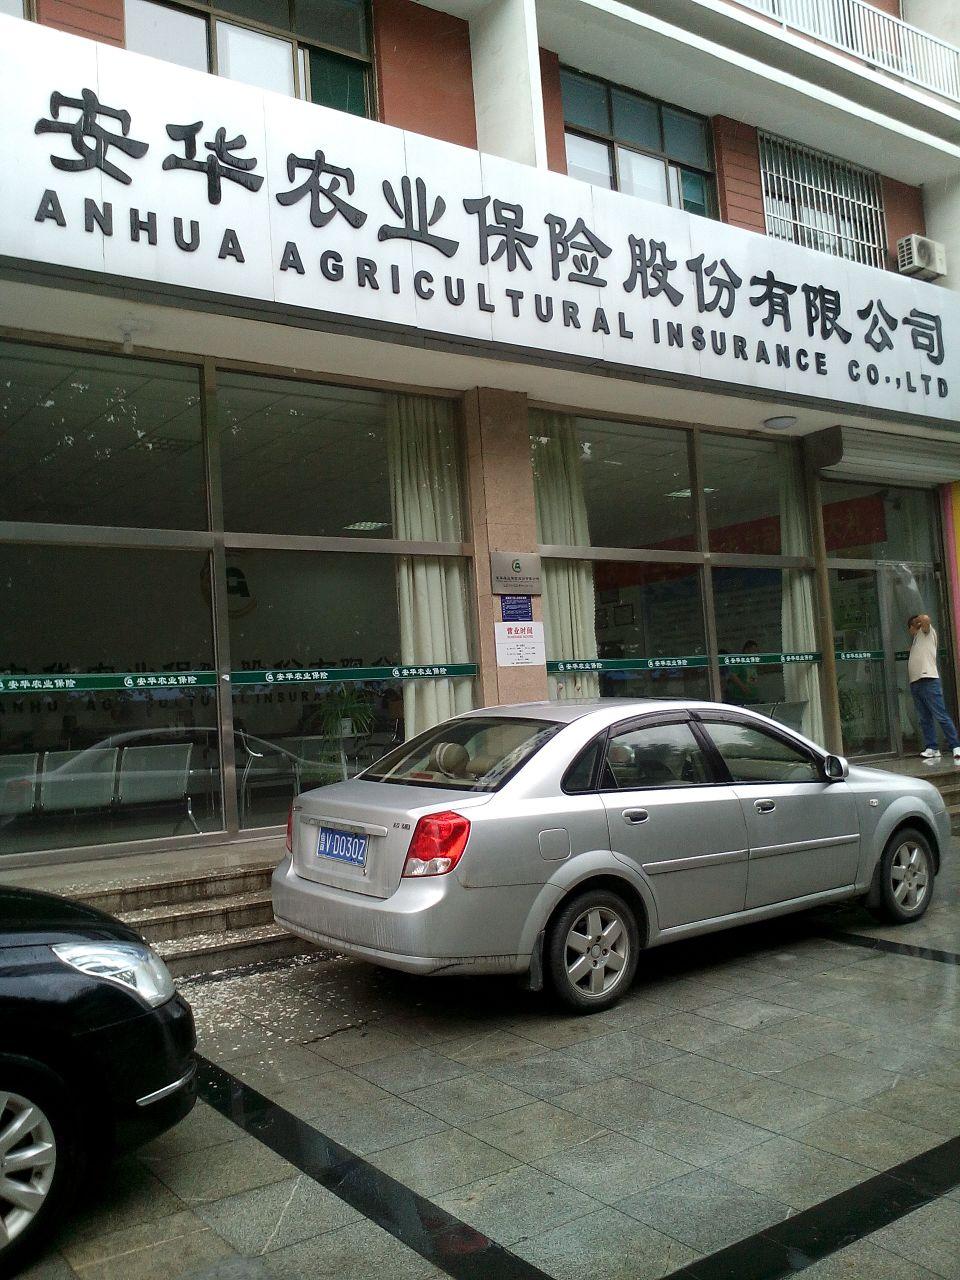 安华农业保险(张桓路)